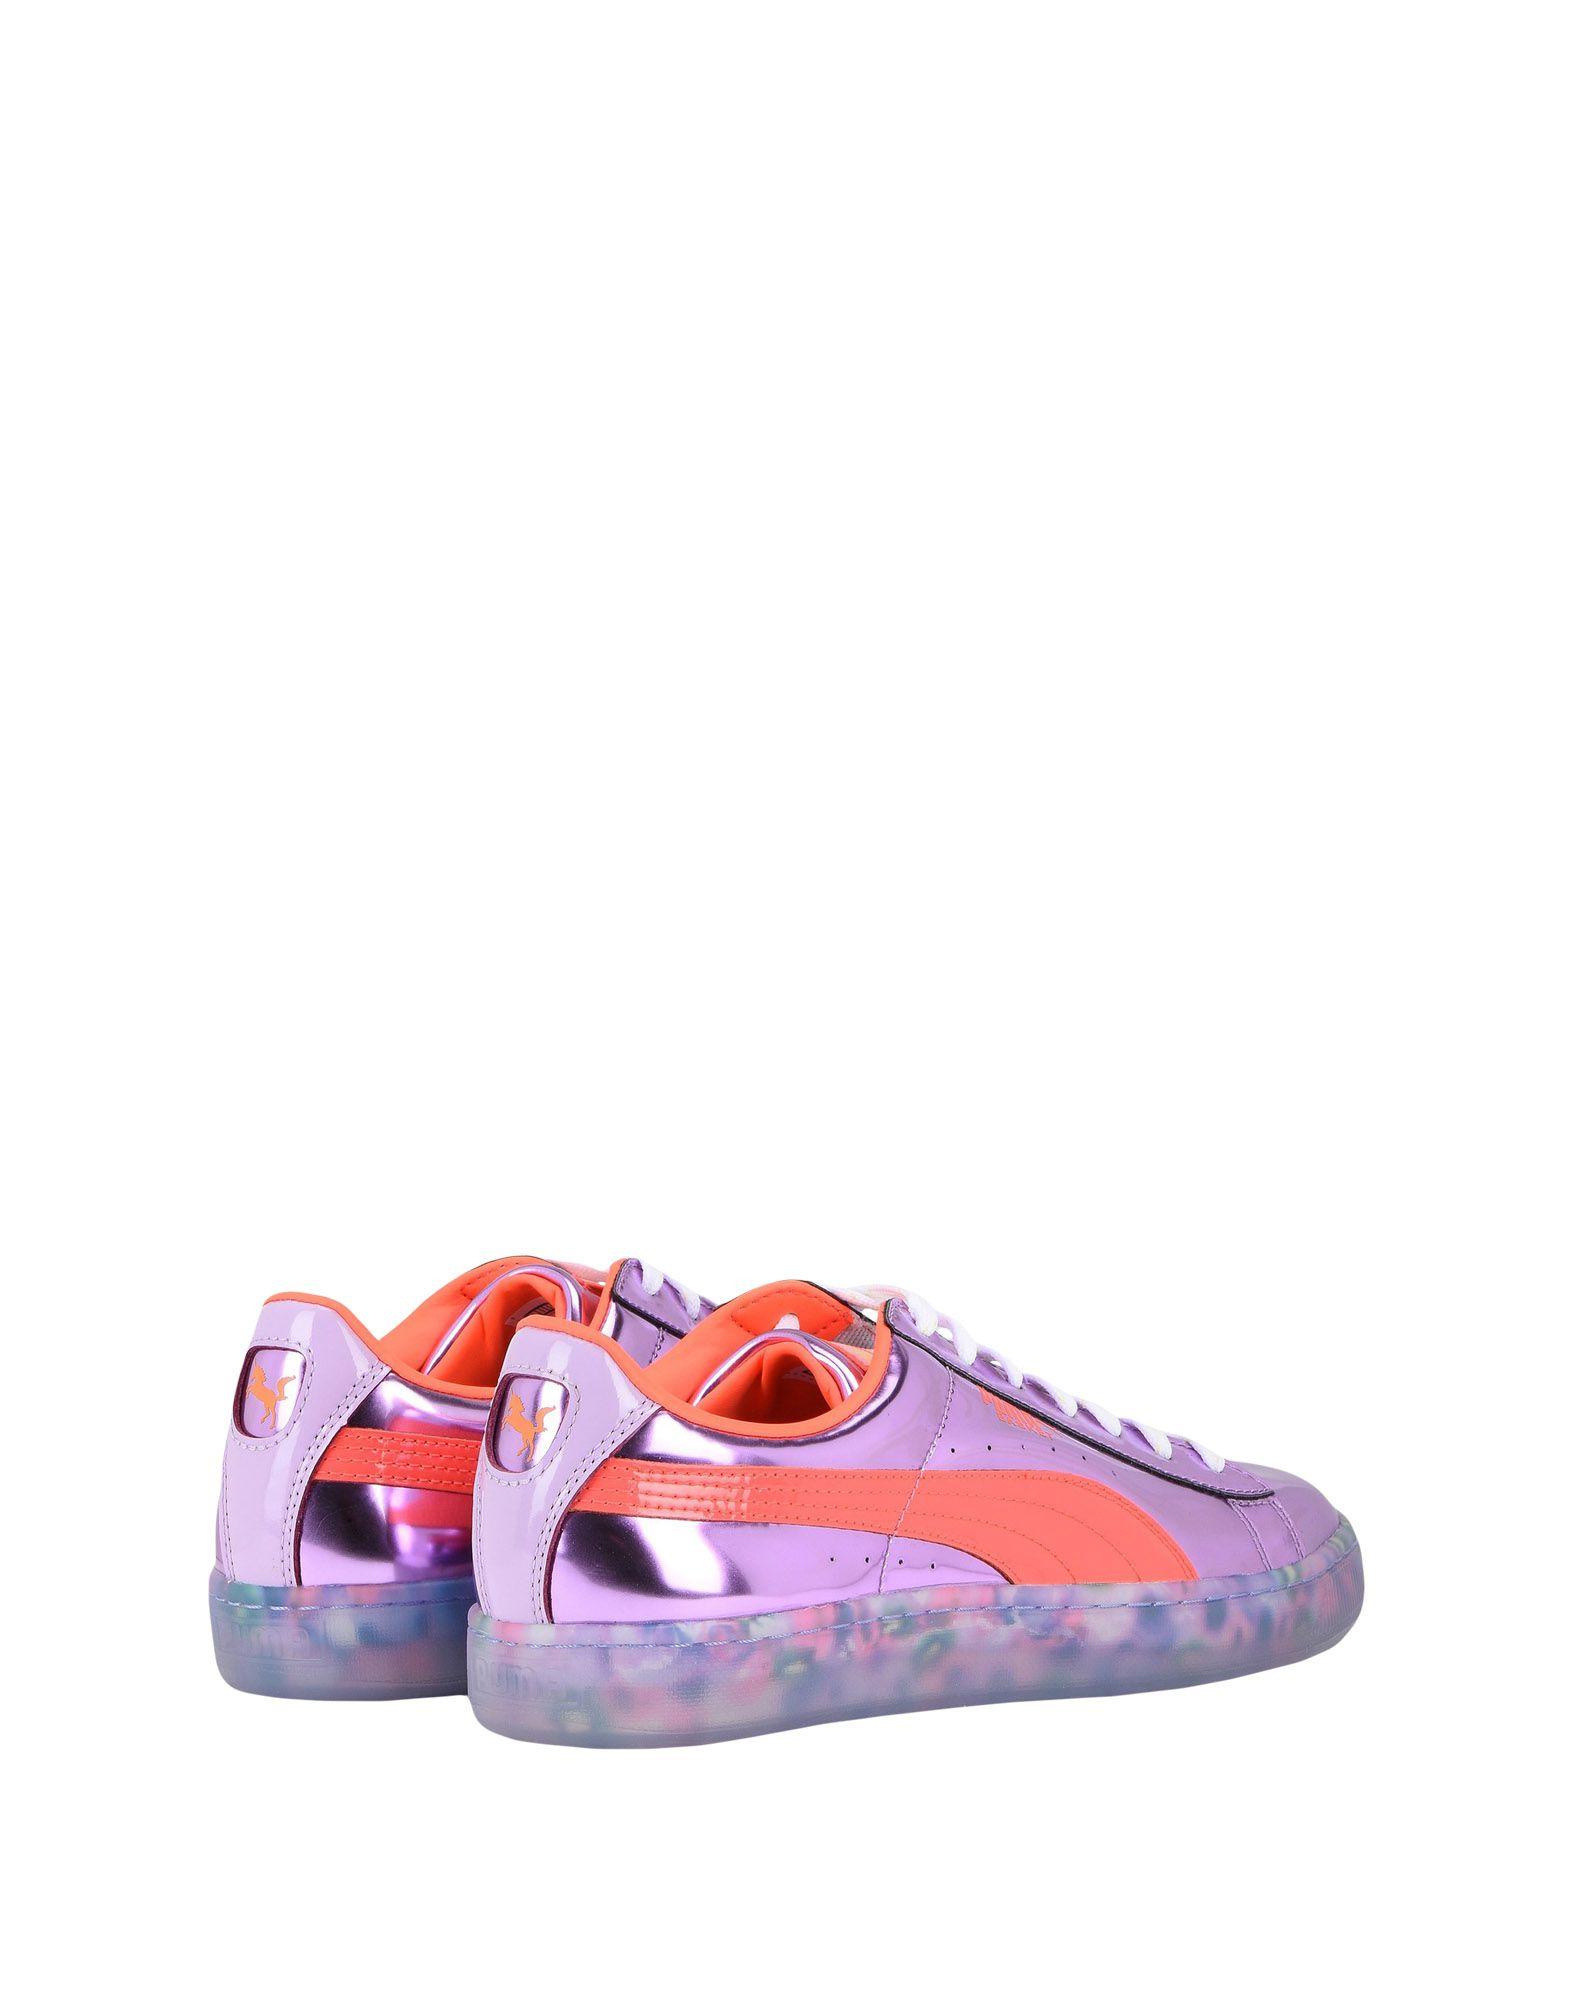 Gut um billige Schuhe zu tragenPuma Candy X Sophia Webster Basket Candy tragenPuma Princess Sophia Webster  11502403HH 9013ac